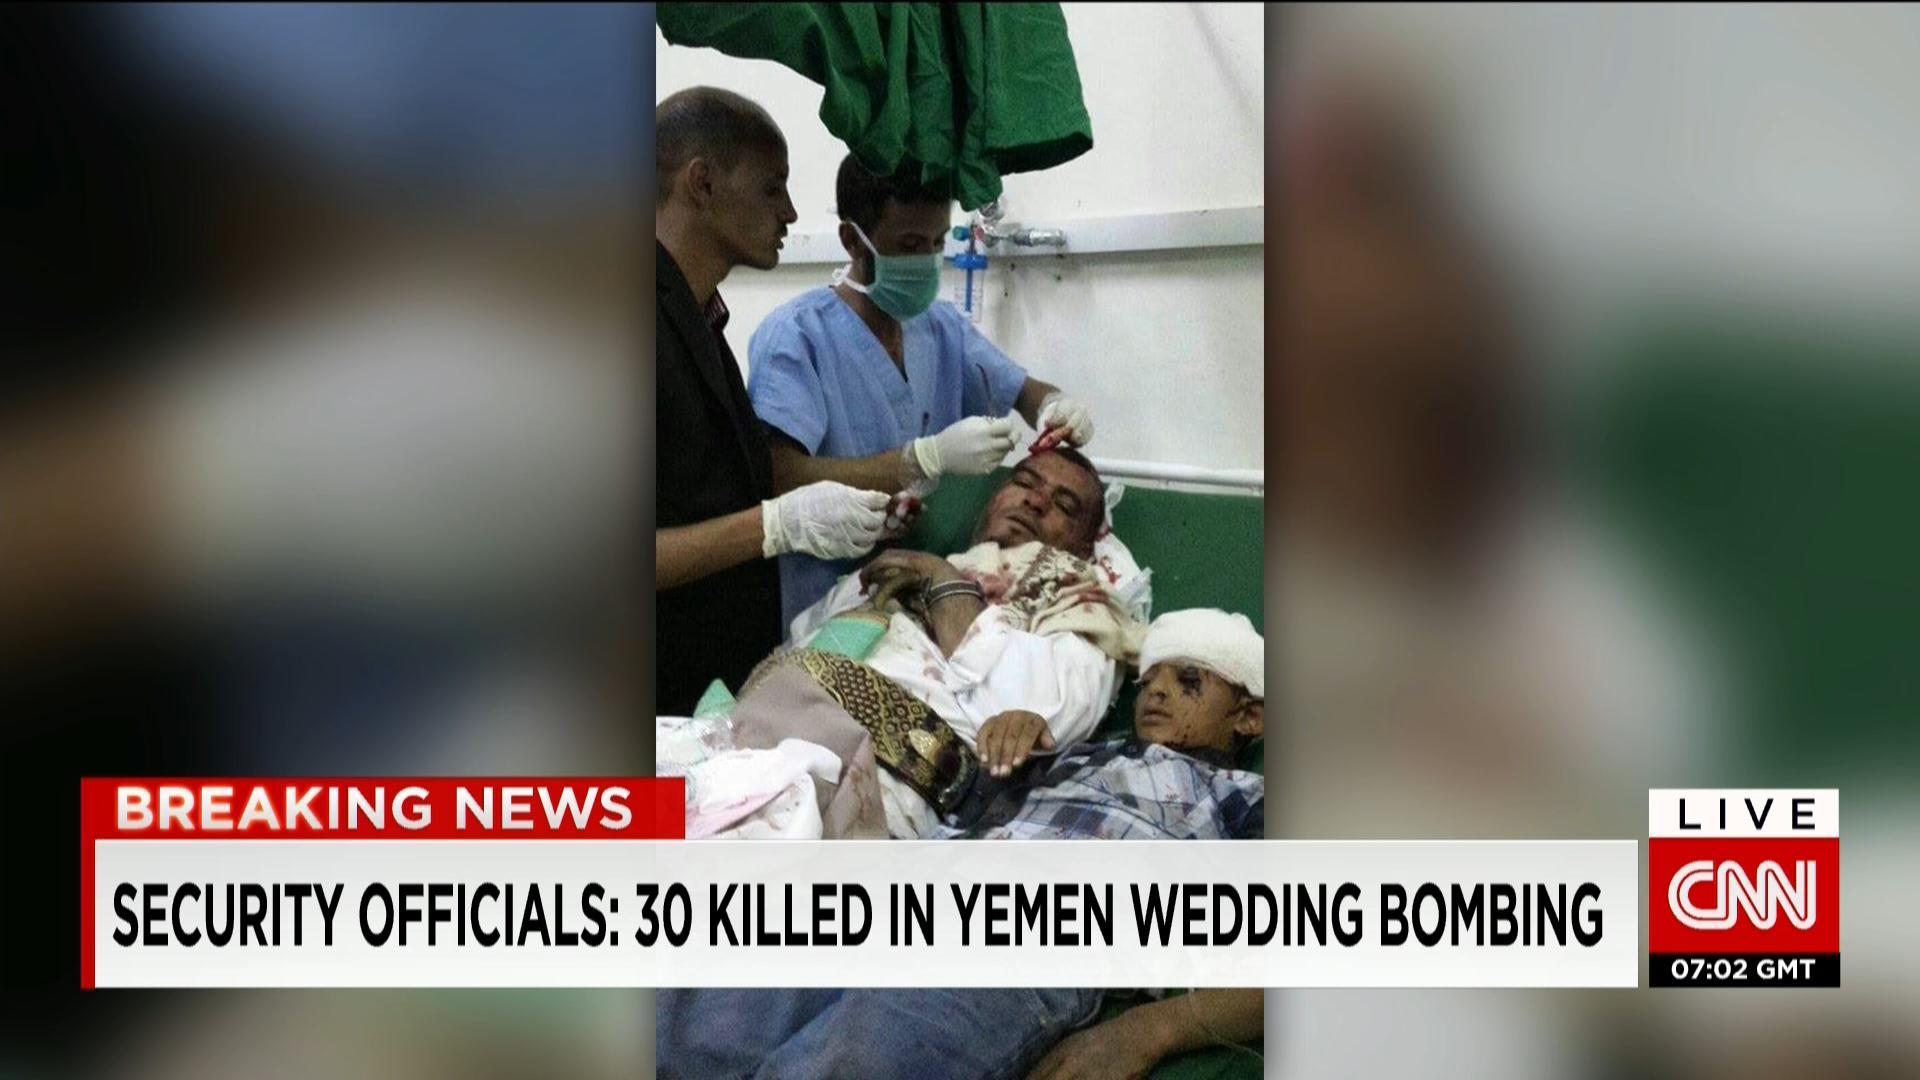 عسيري ينفي لـCNN تنفيذ عمليات بمنطقة شهدت مقتل يمنيين بحفل زفاف ويتهم الحوثيين بتخزين ذخائر بين المدنيين